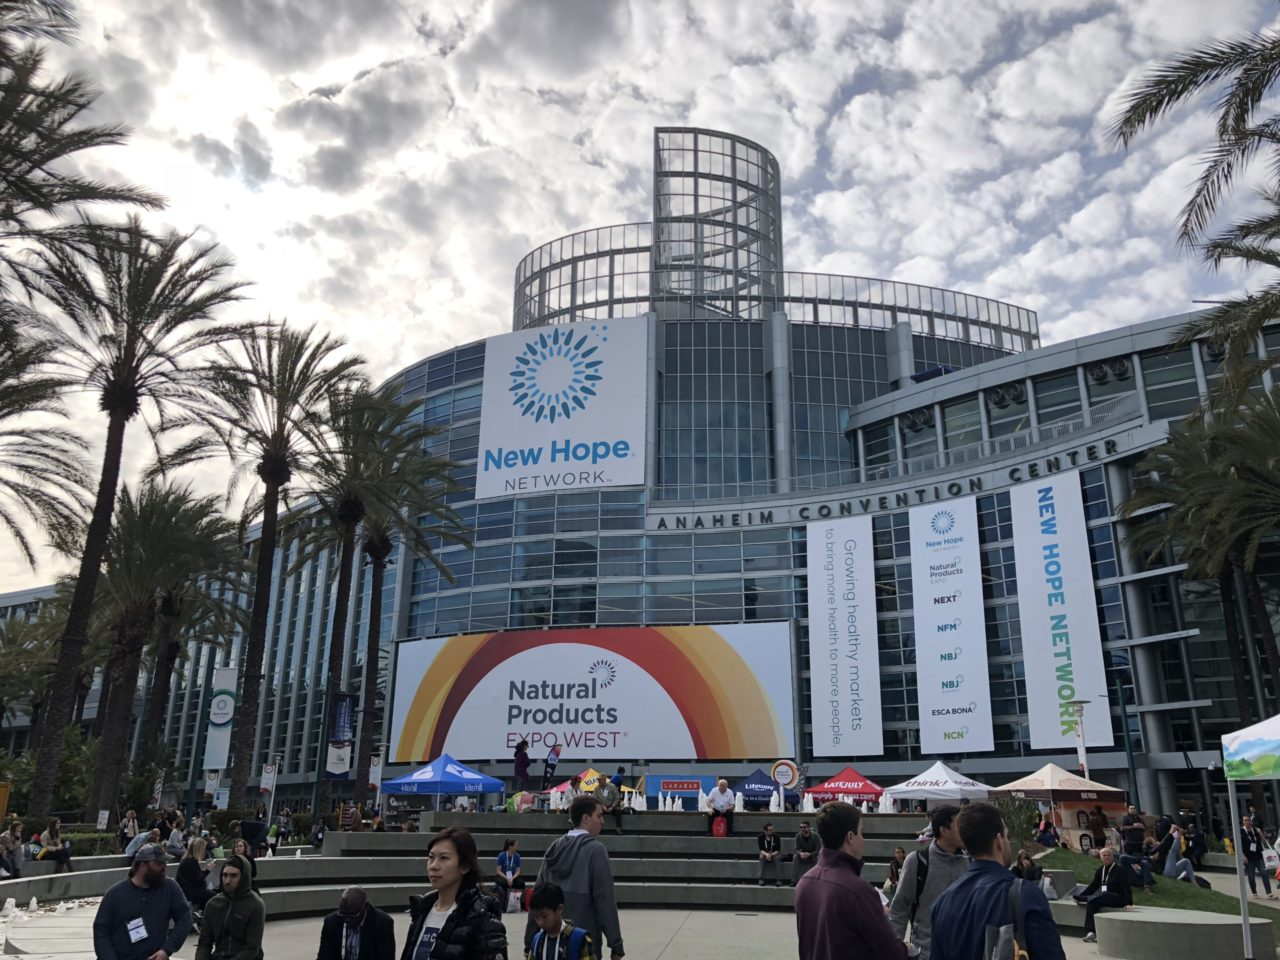 Expo West 2020 Survival Guide: Part 1